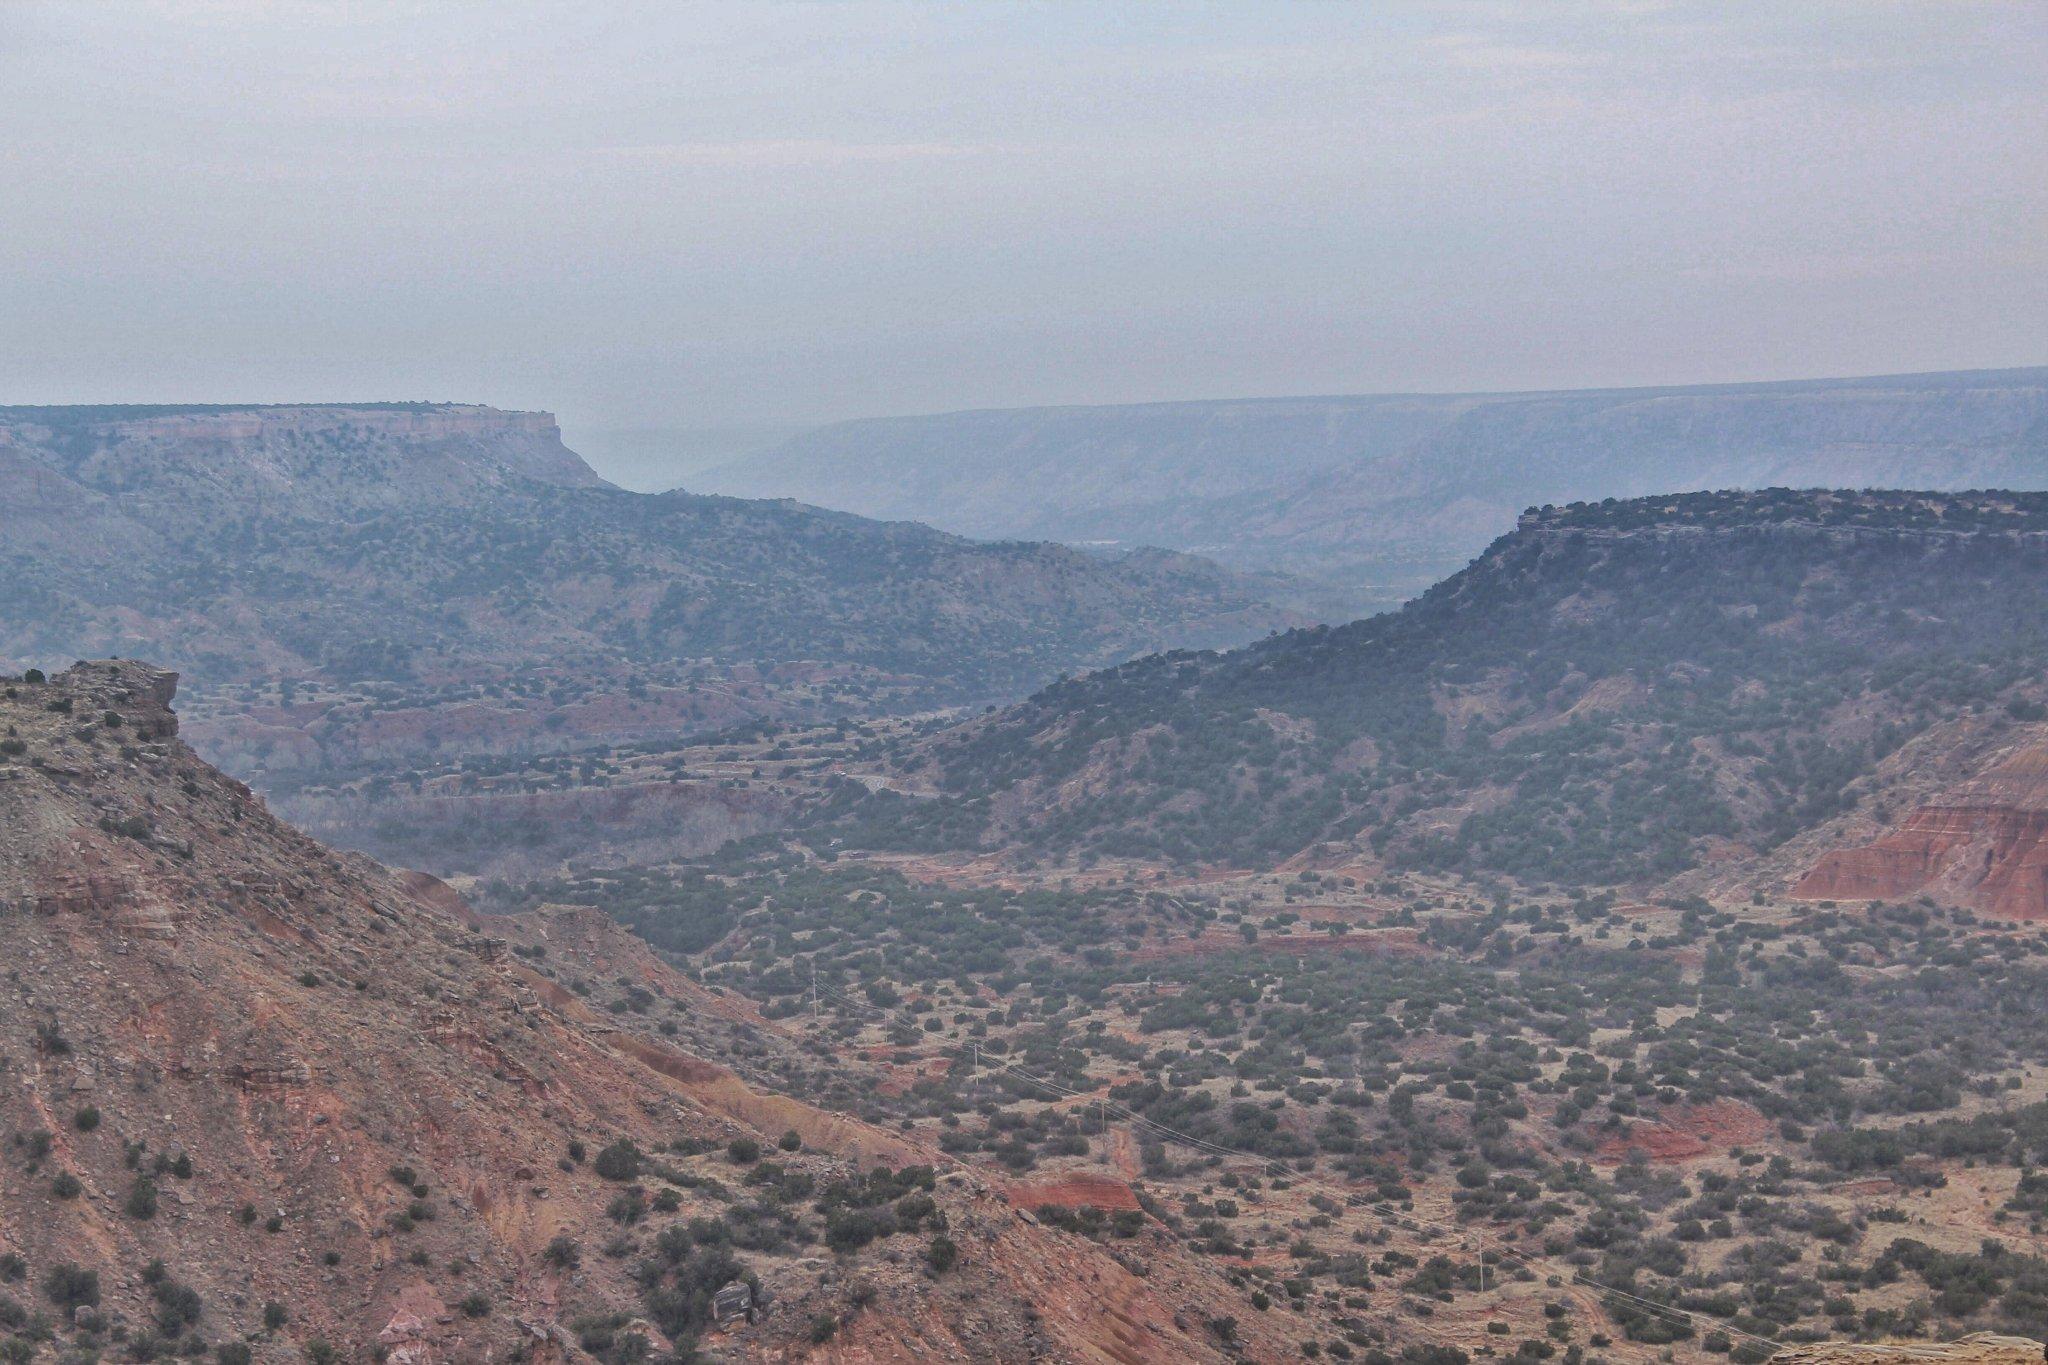 Palo Duro Canyon - beautiful layered backdrop